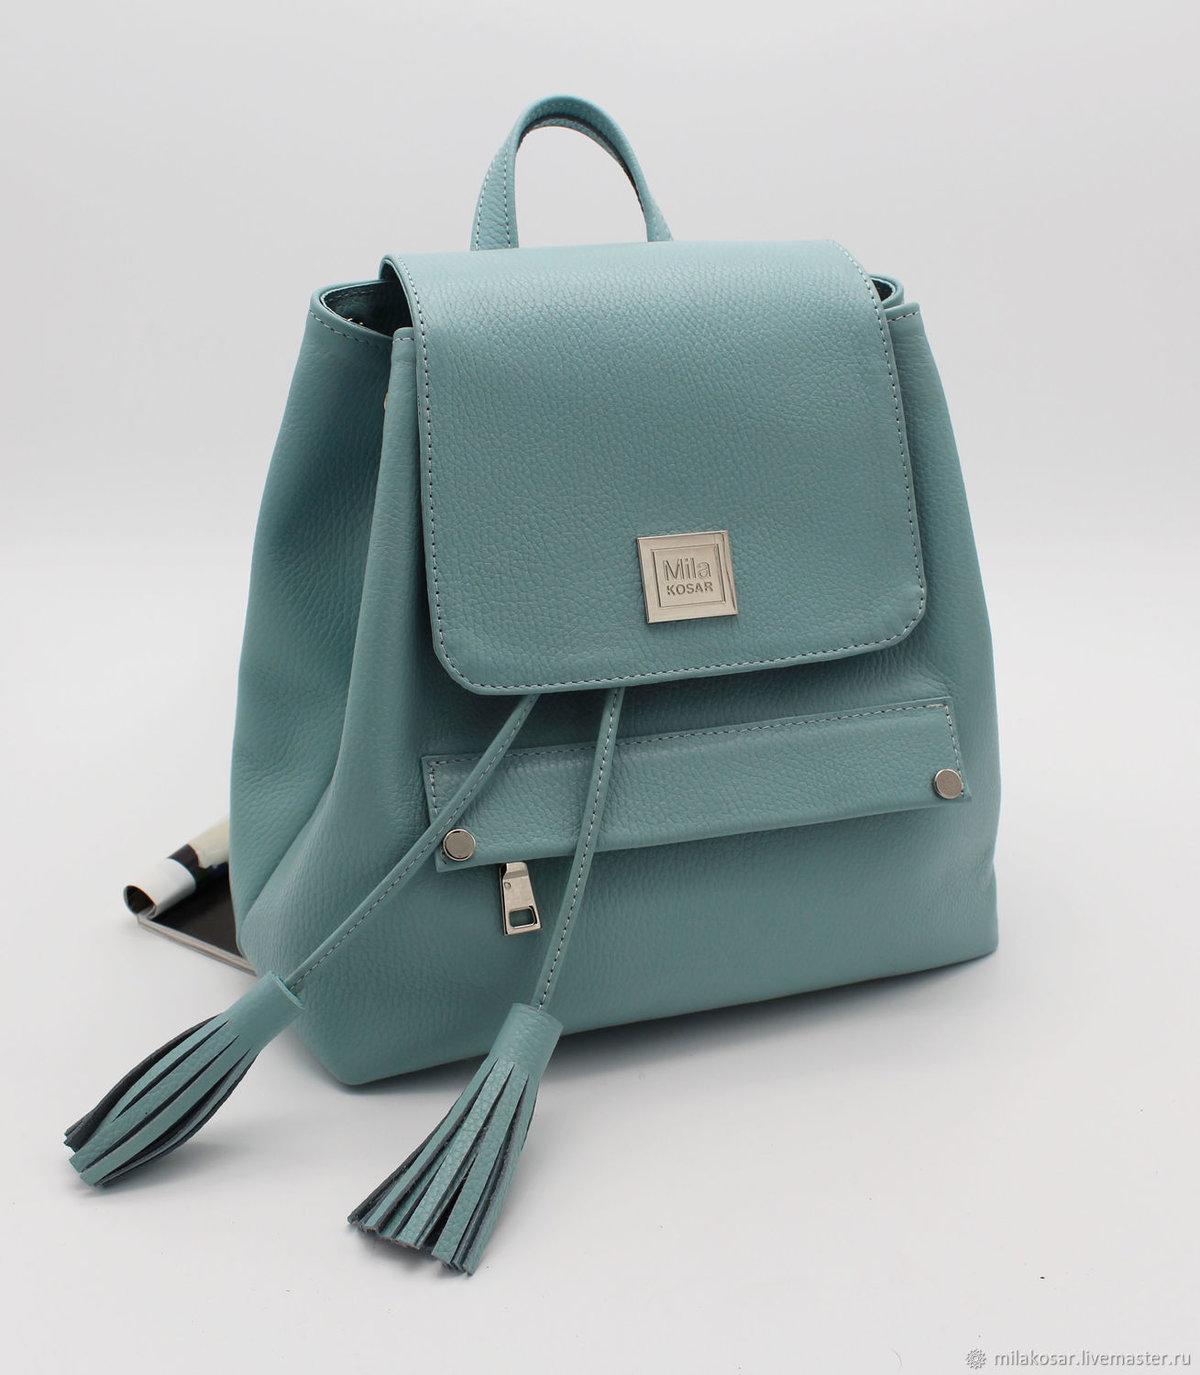 Рюкзак кожаный женский - купить или заказать в интернет-магазине на Ярмарке  Мастеров   Рюкзак dde6e19d0a2